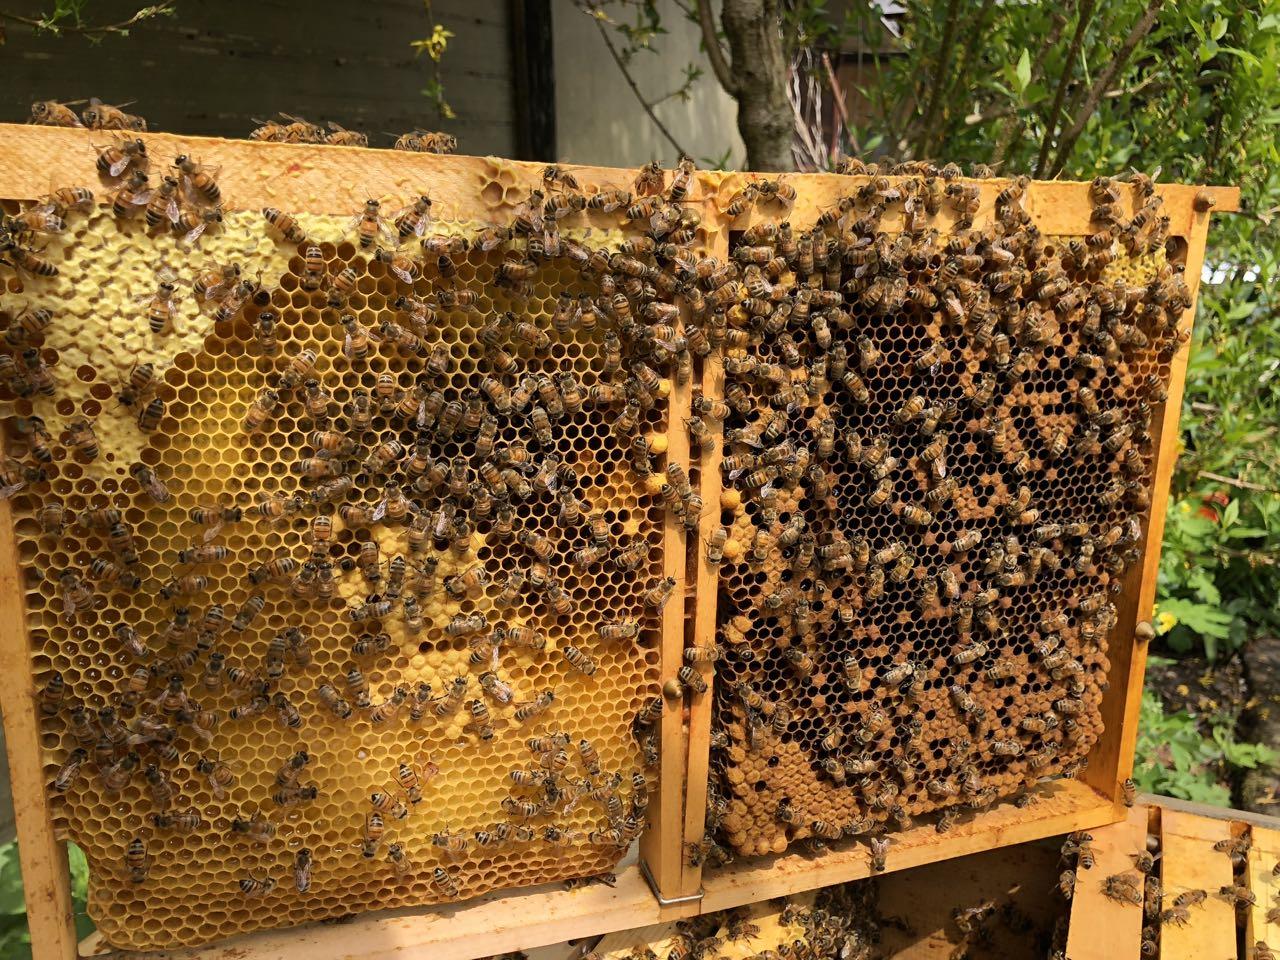 Auf der Waben sind nur wenige Bienen. Das Volk muss zusätzlich verstärkt werden. Die Königin darf sich nicht auf der Wabe befinden.